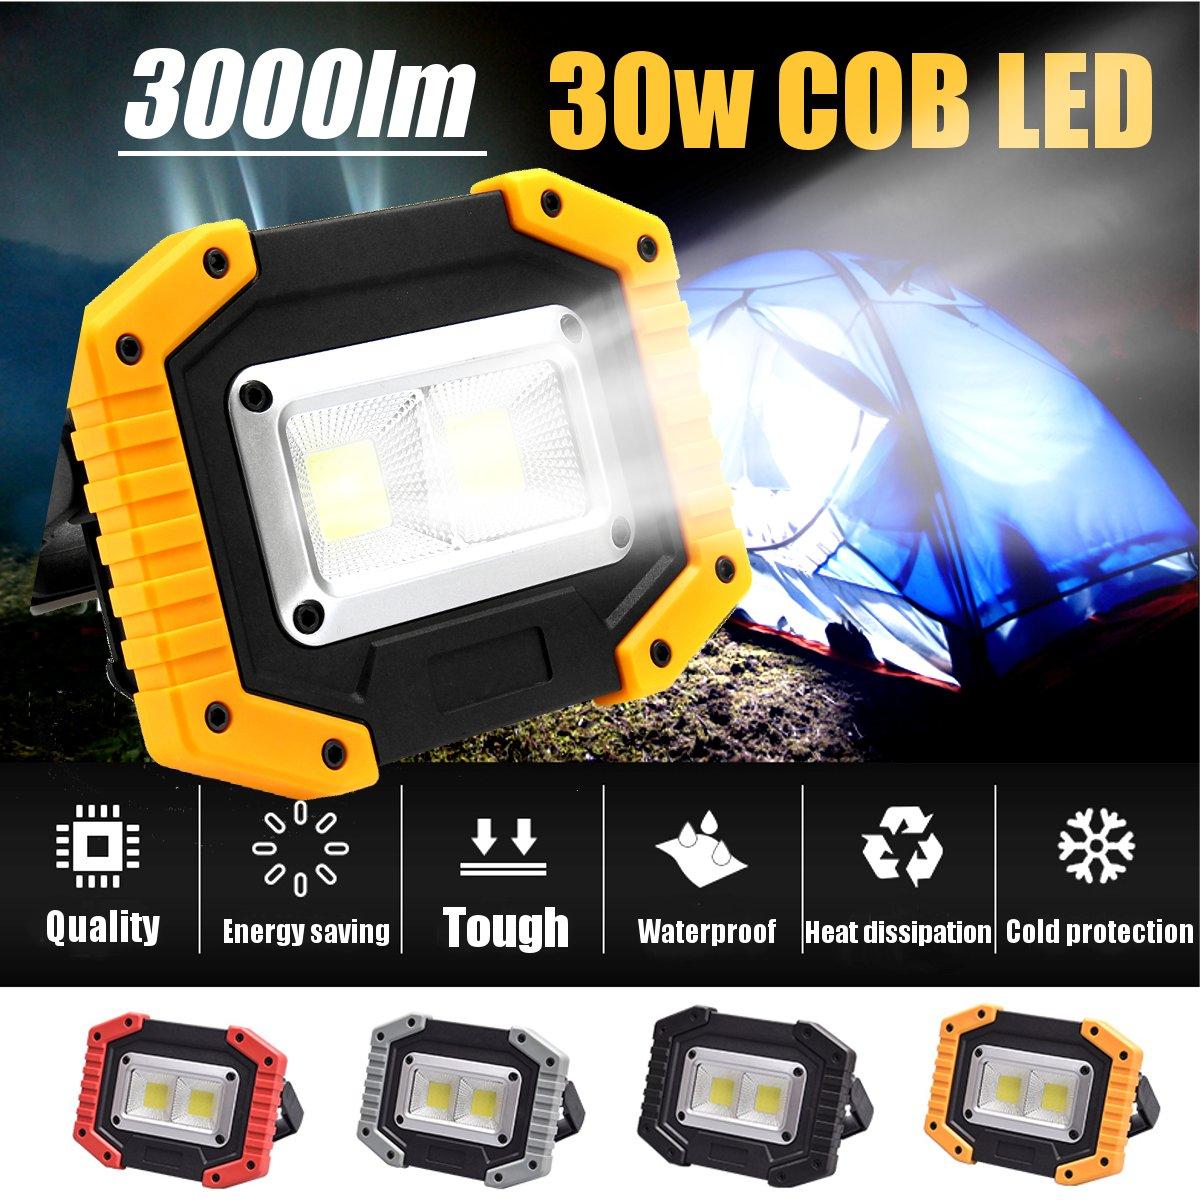 2 COB 30W 3000LM Şarj Edilebilir LED Sel Işıkları Taşınabilir Su Geçirmez IP65 Açık Kamp Yürüyüş Acil Araba Tamir